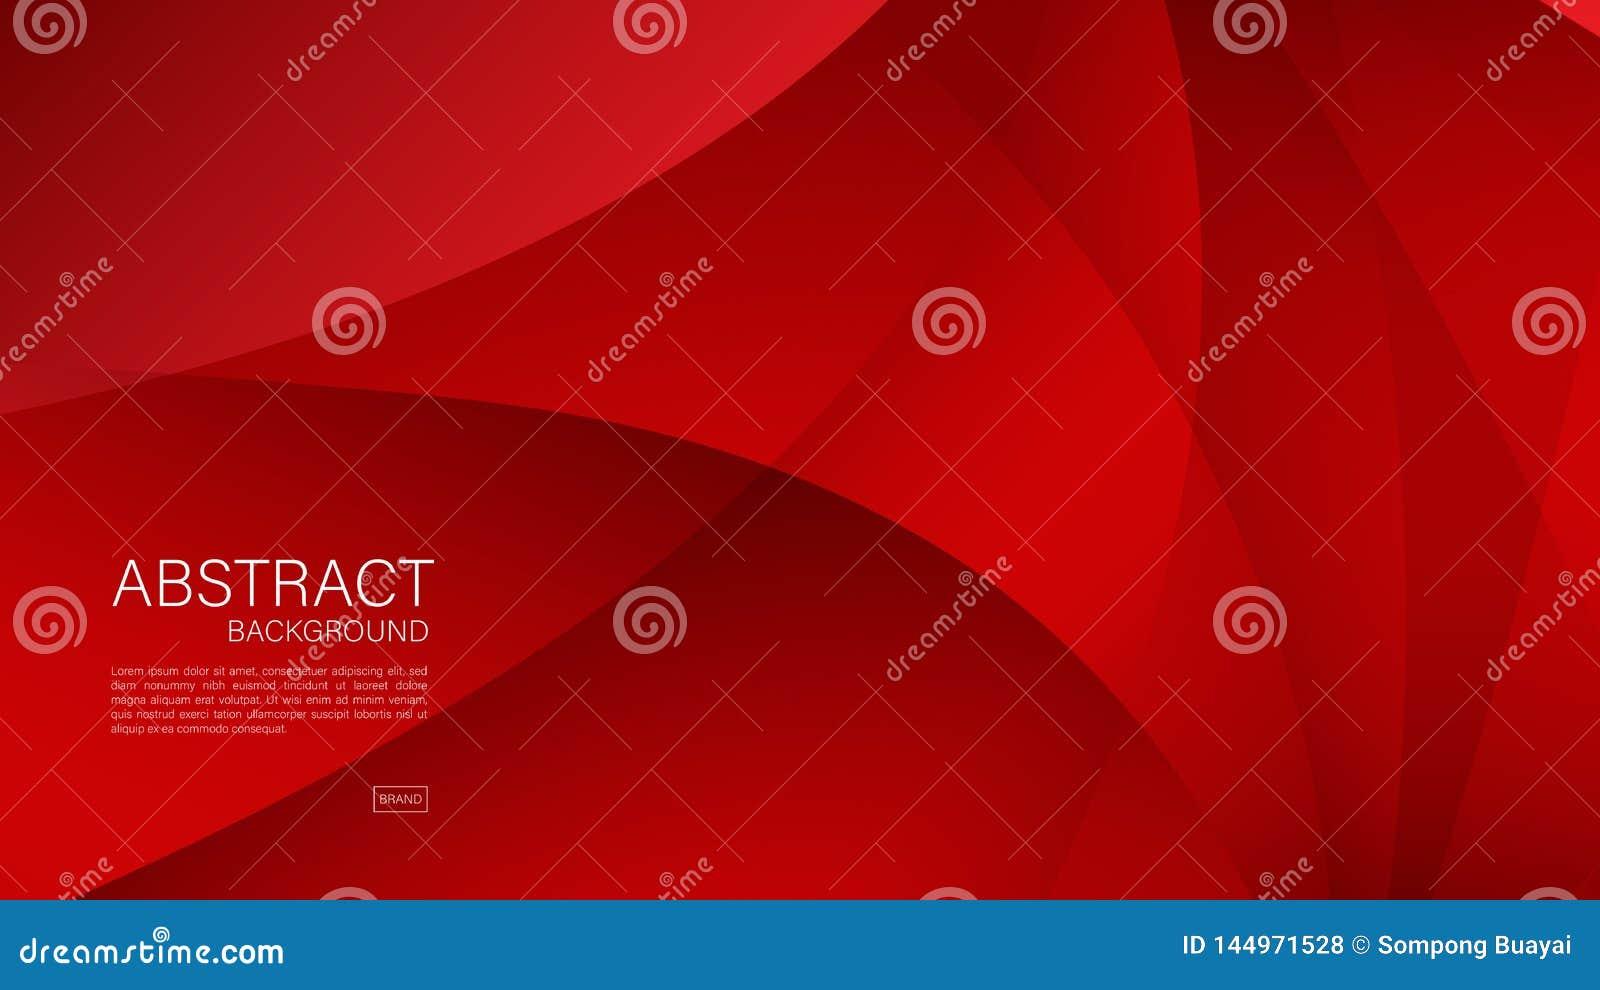 Fondo abstracto rojo, onda, vector geométrico, textura gráfica, mínima, diseño de la cubierta, plantilla del aviador, bandera